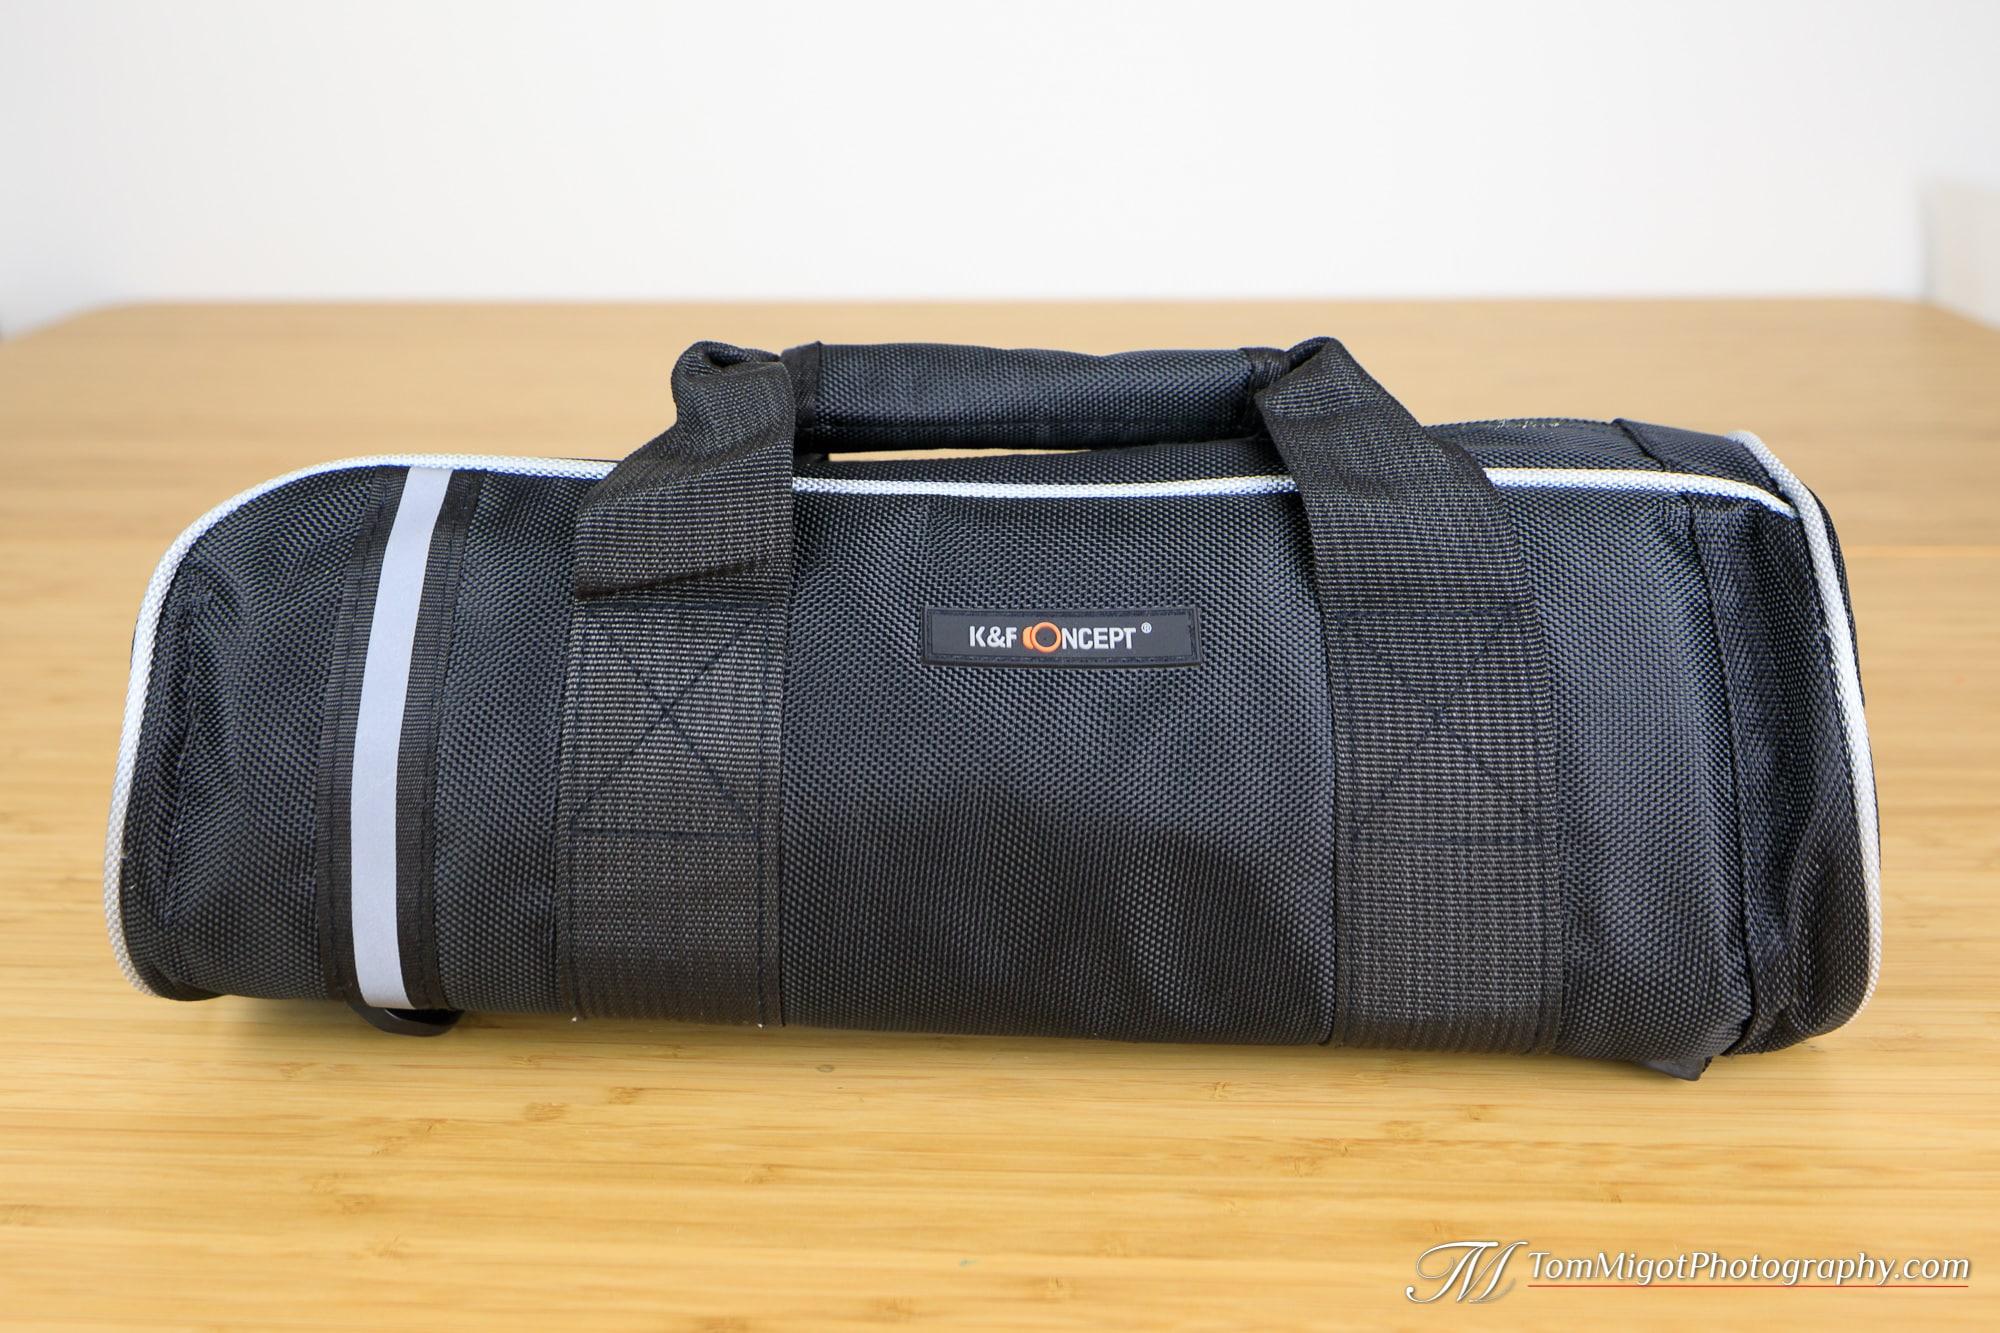 Le sac du trépied de voyage K&F Concept TM2515